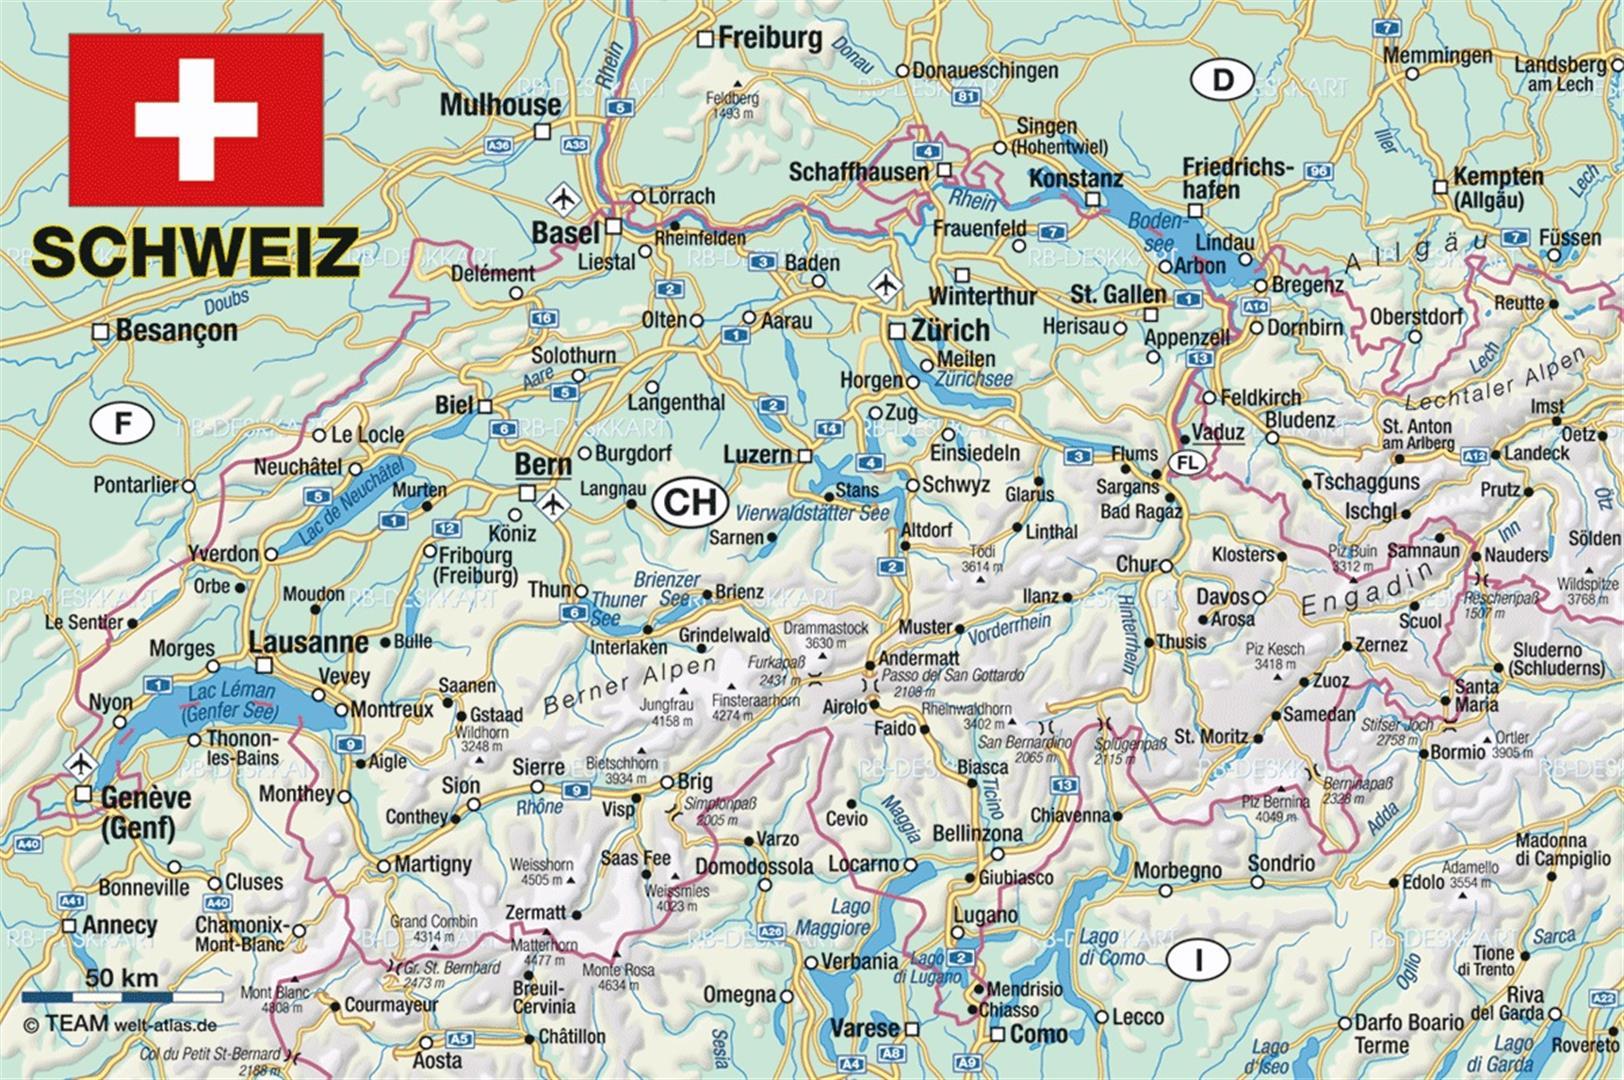 Die Schweiz und Liechtenstein haben ihre Rechtschreibung verändert und dabei das ß abgeschafft. Sie schreiben dafür nur noch ss. Das war im Jahr 1935. Ein Schelm, wer Böses dabei denkt.